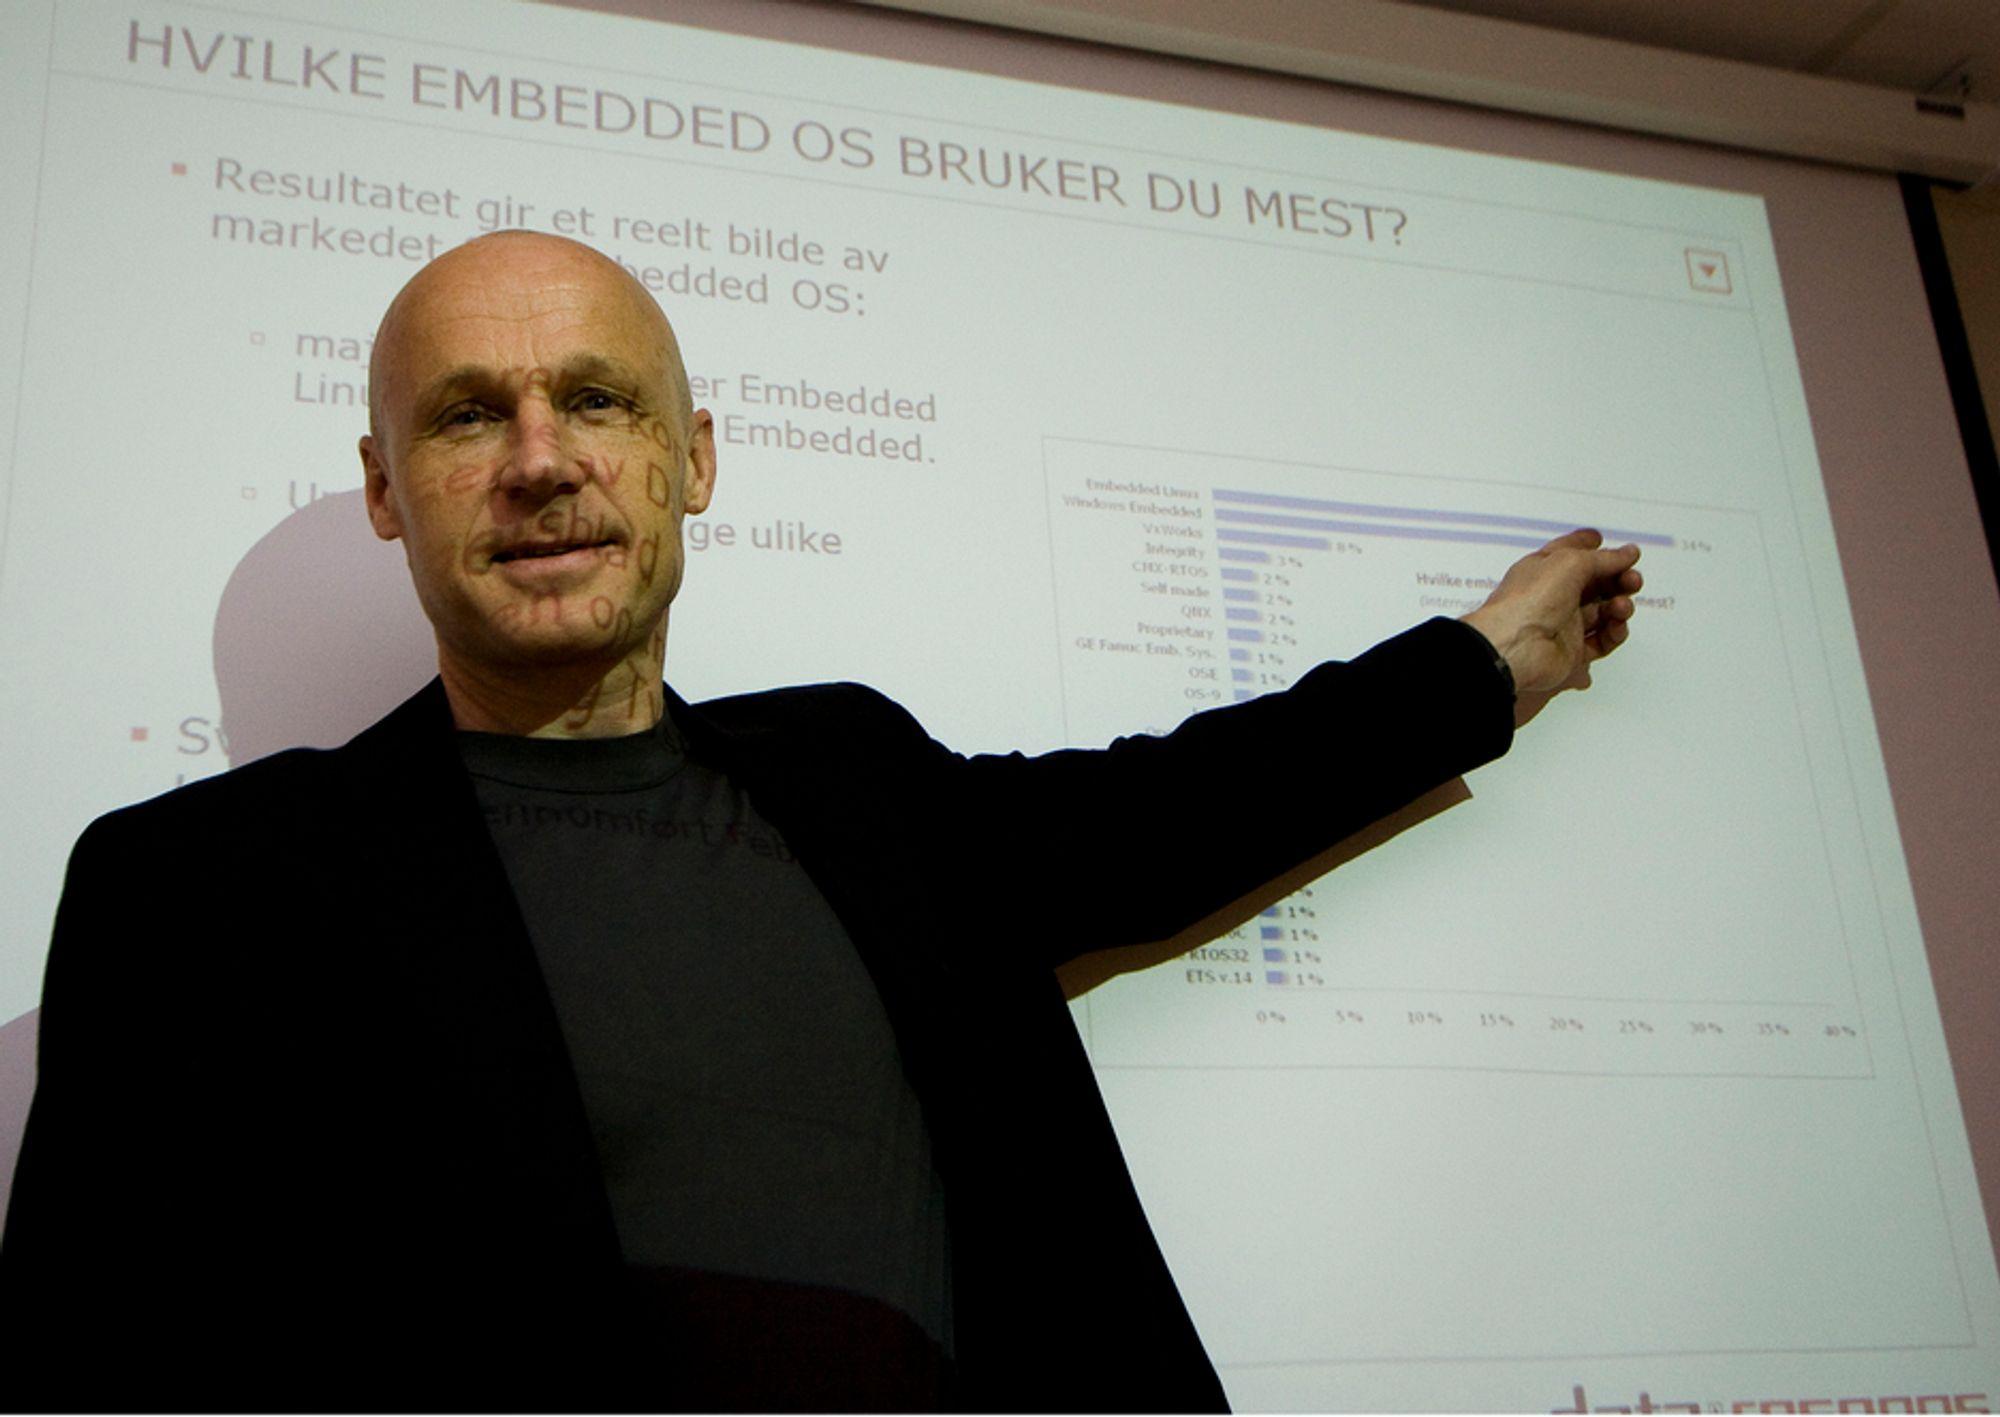 PEKER OPPOVER: Teknisk direktør Hans Christian Lønstad i Data Respons sier at stadig flere av de som bruker innebygget elektronikk foretrekker Linux og Windows.